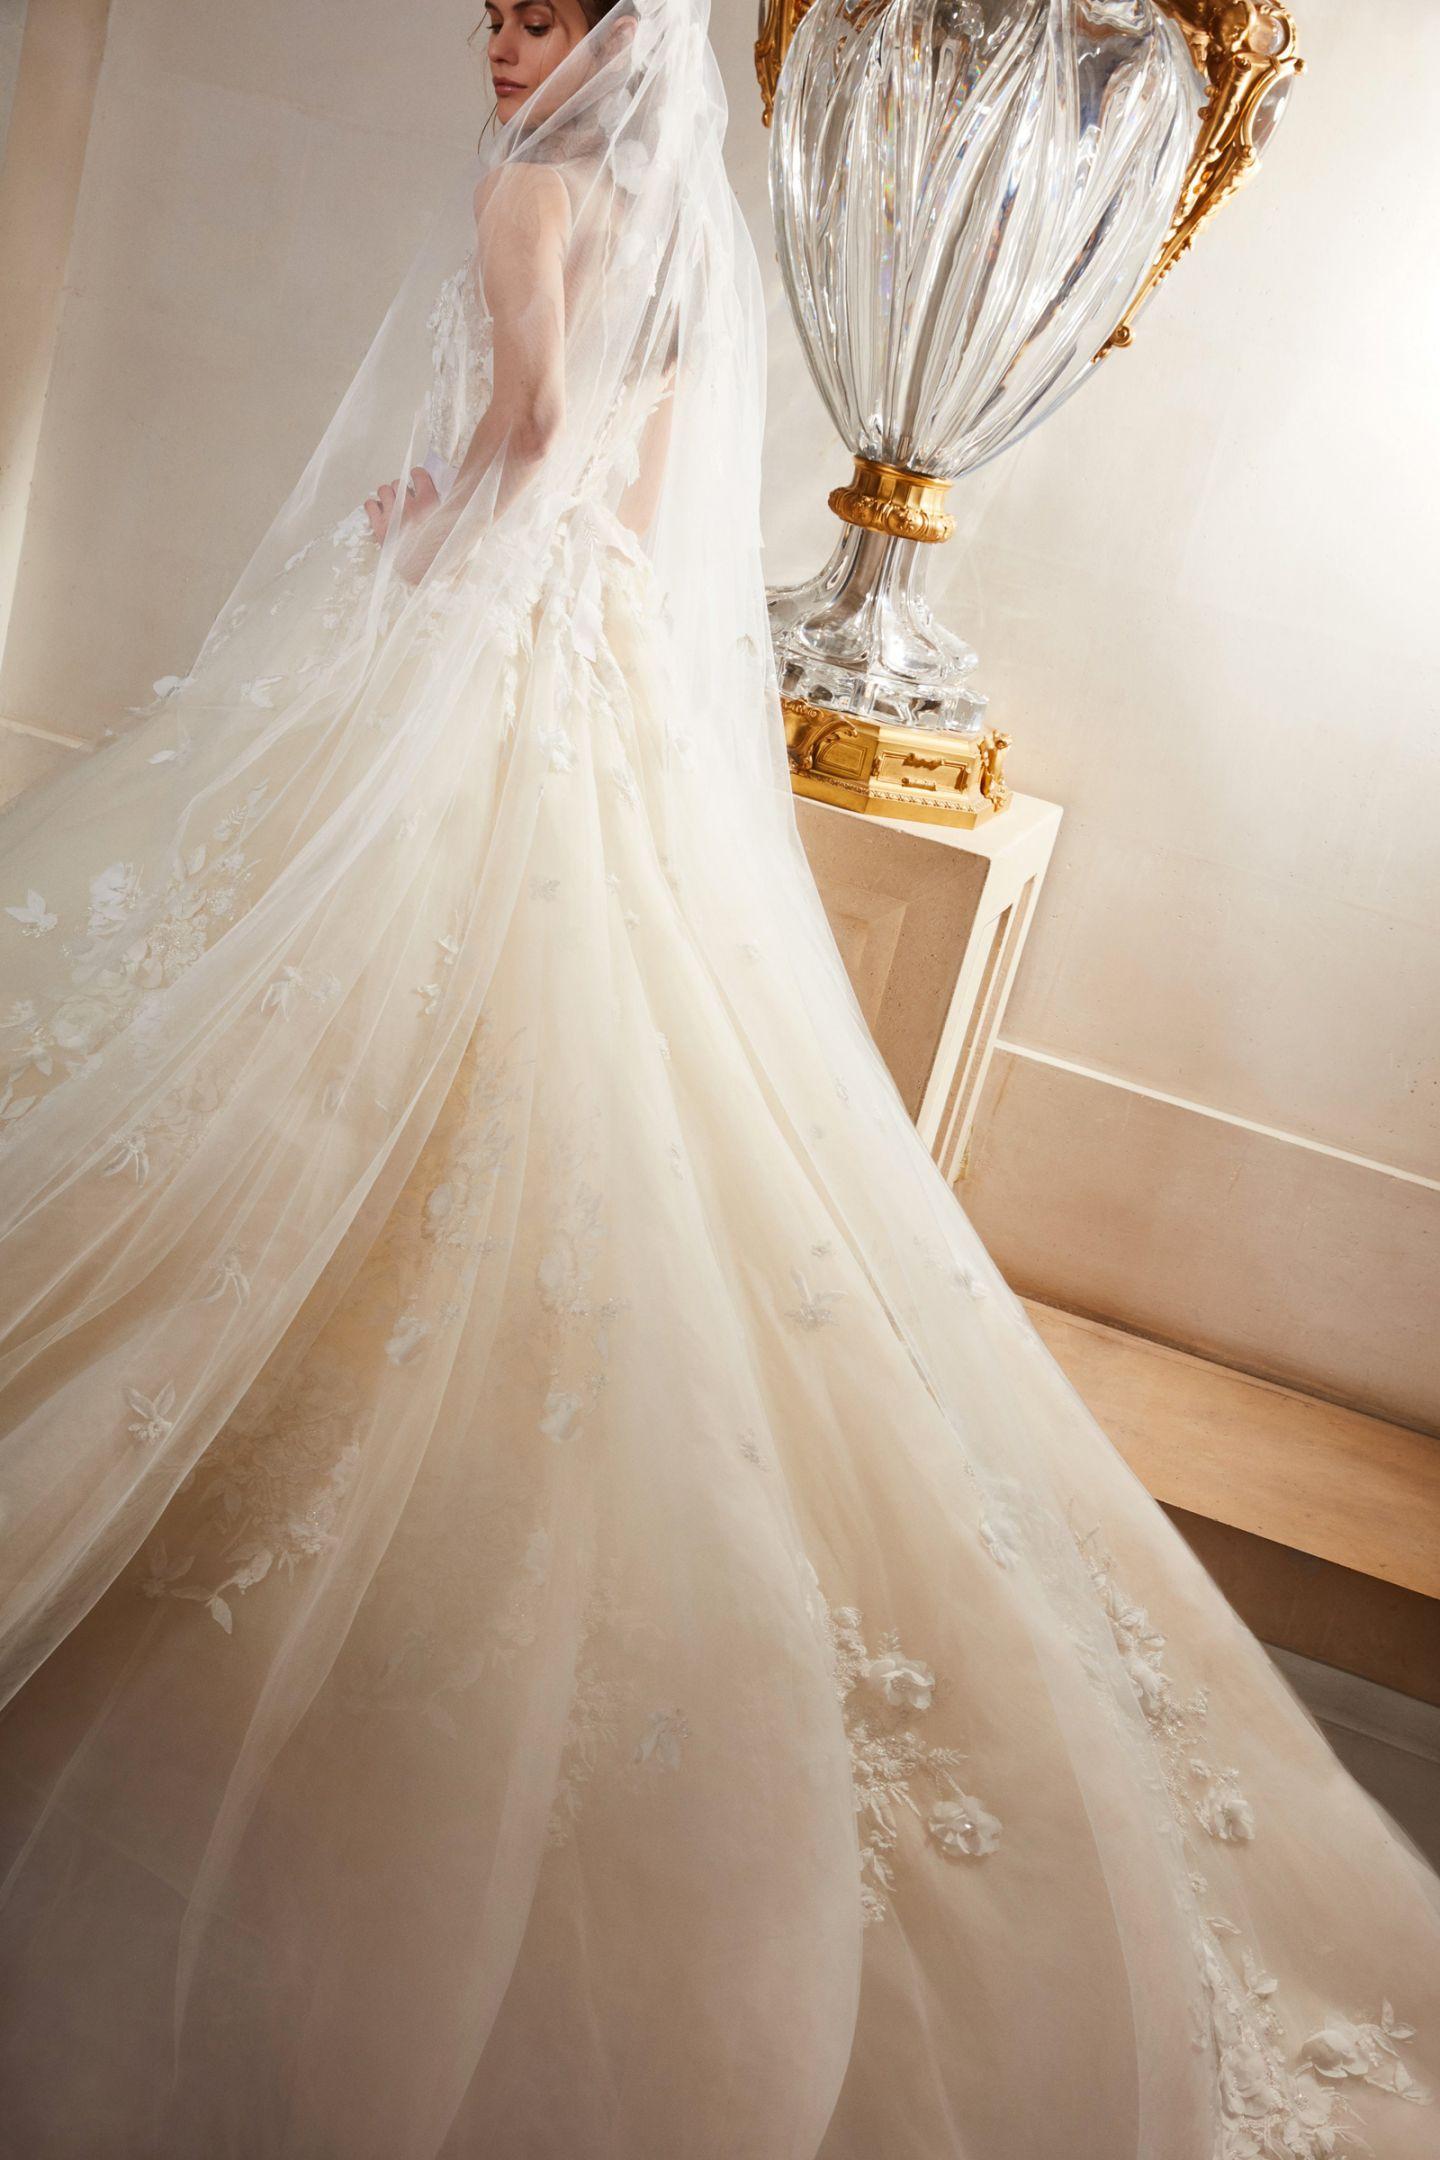 6433aeefbd Beach Wedding Dresses - Bridal Gowns for a Beach Destination Wedding